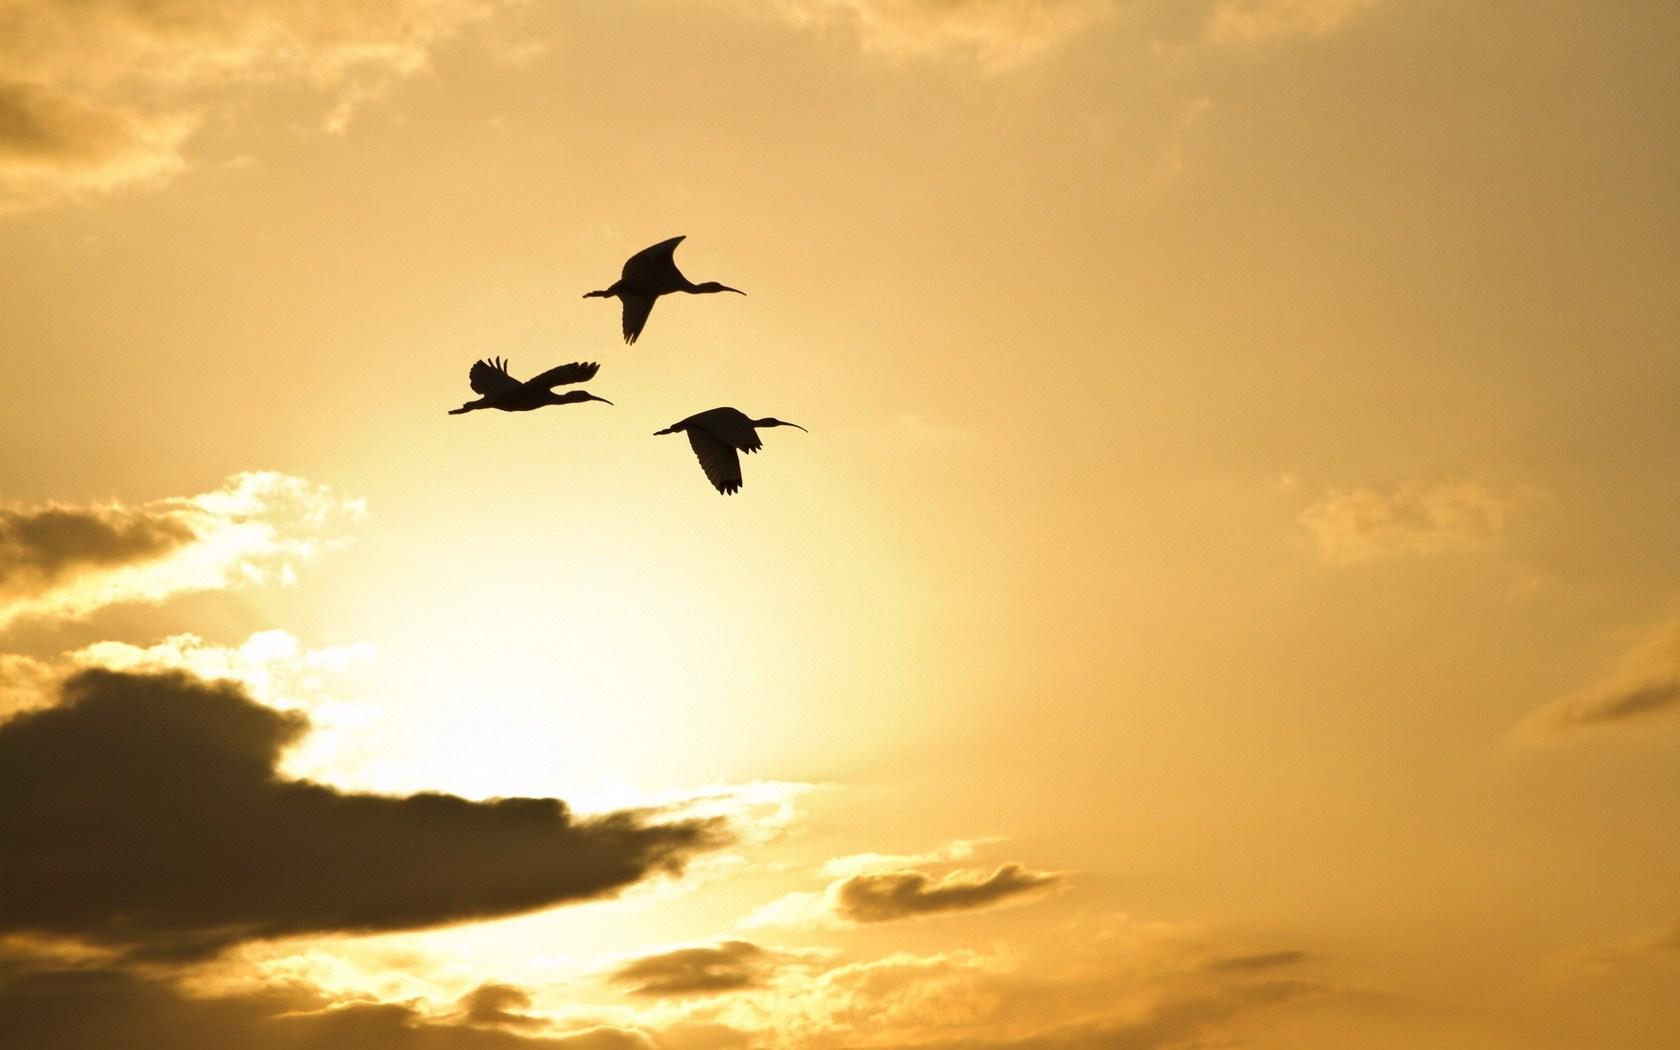 crane bird wallpaper